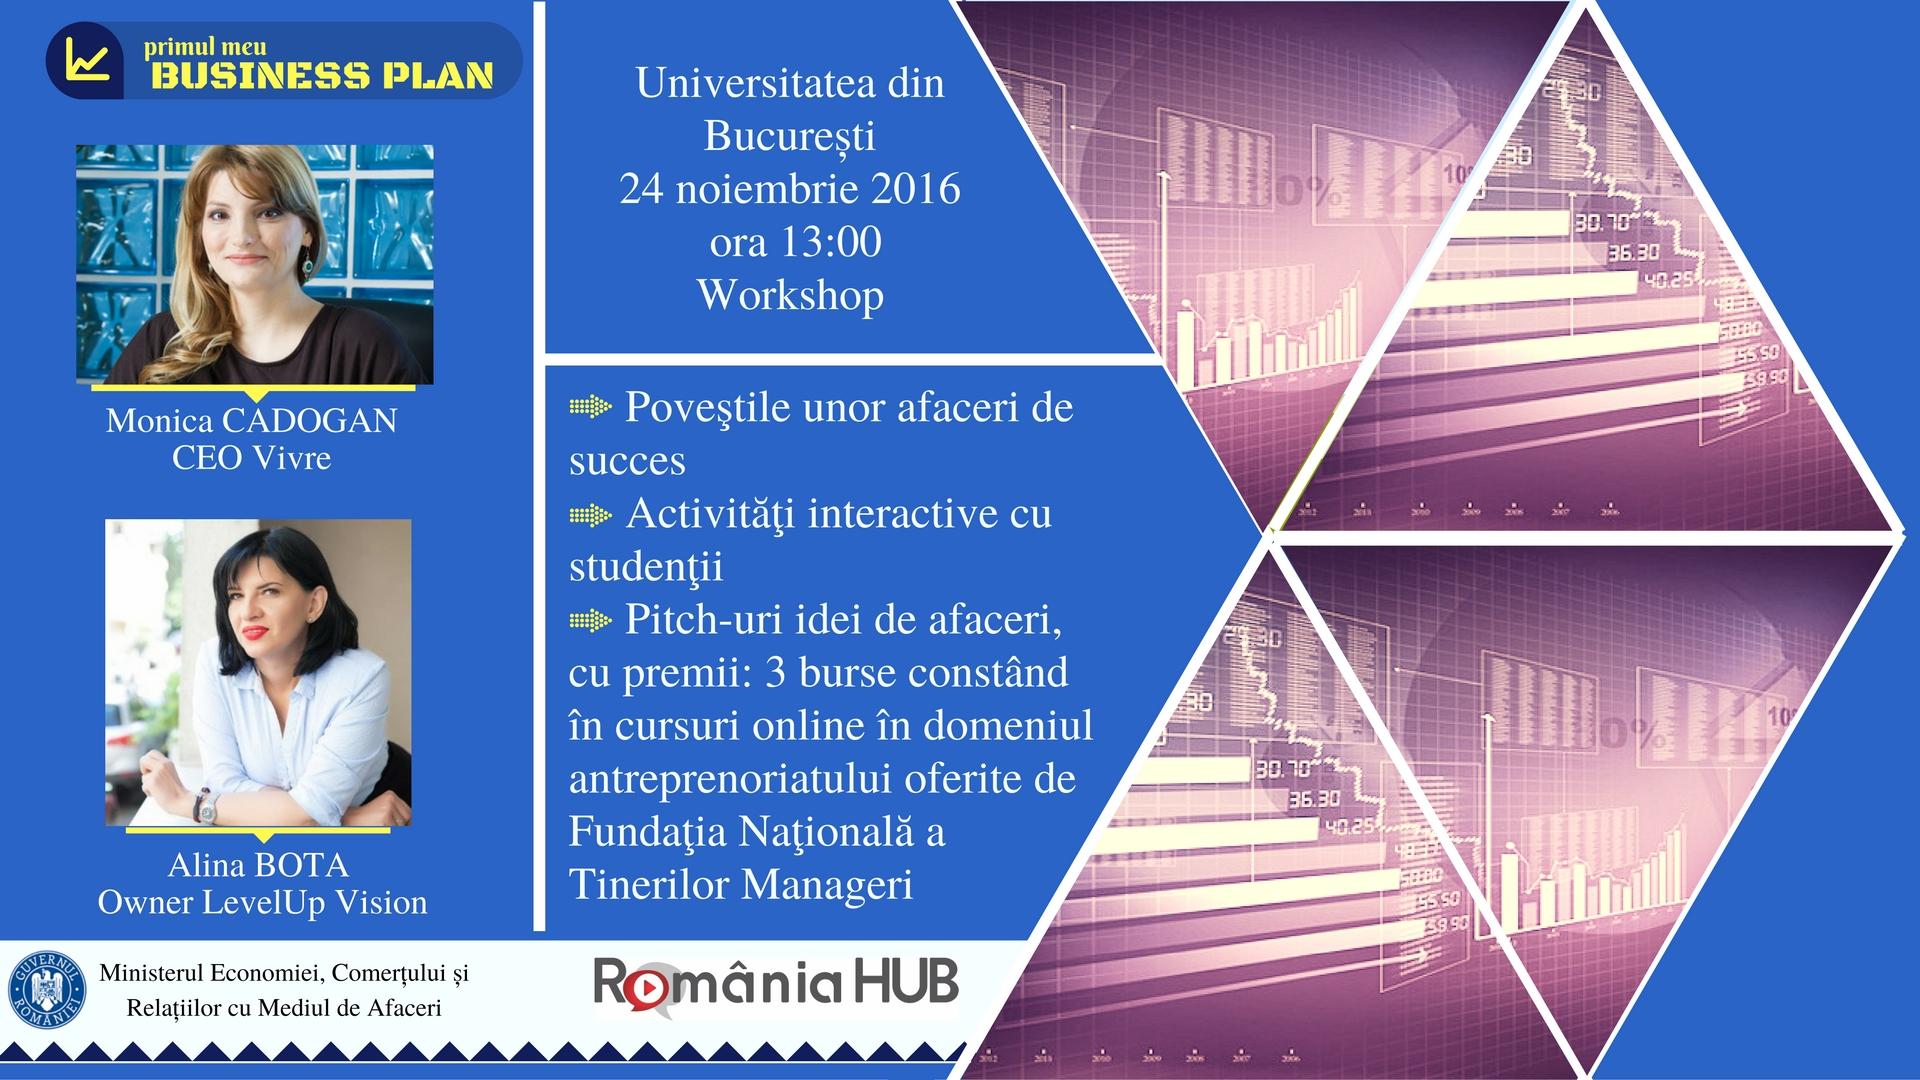 Universitatea Din Bucureşti